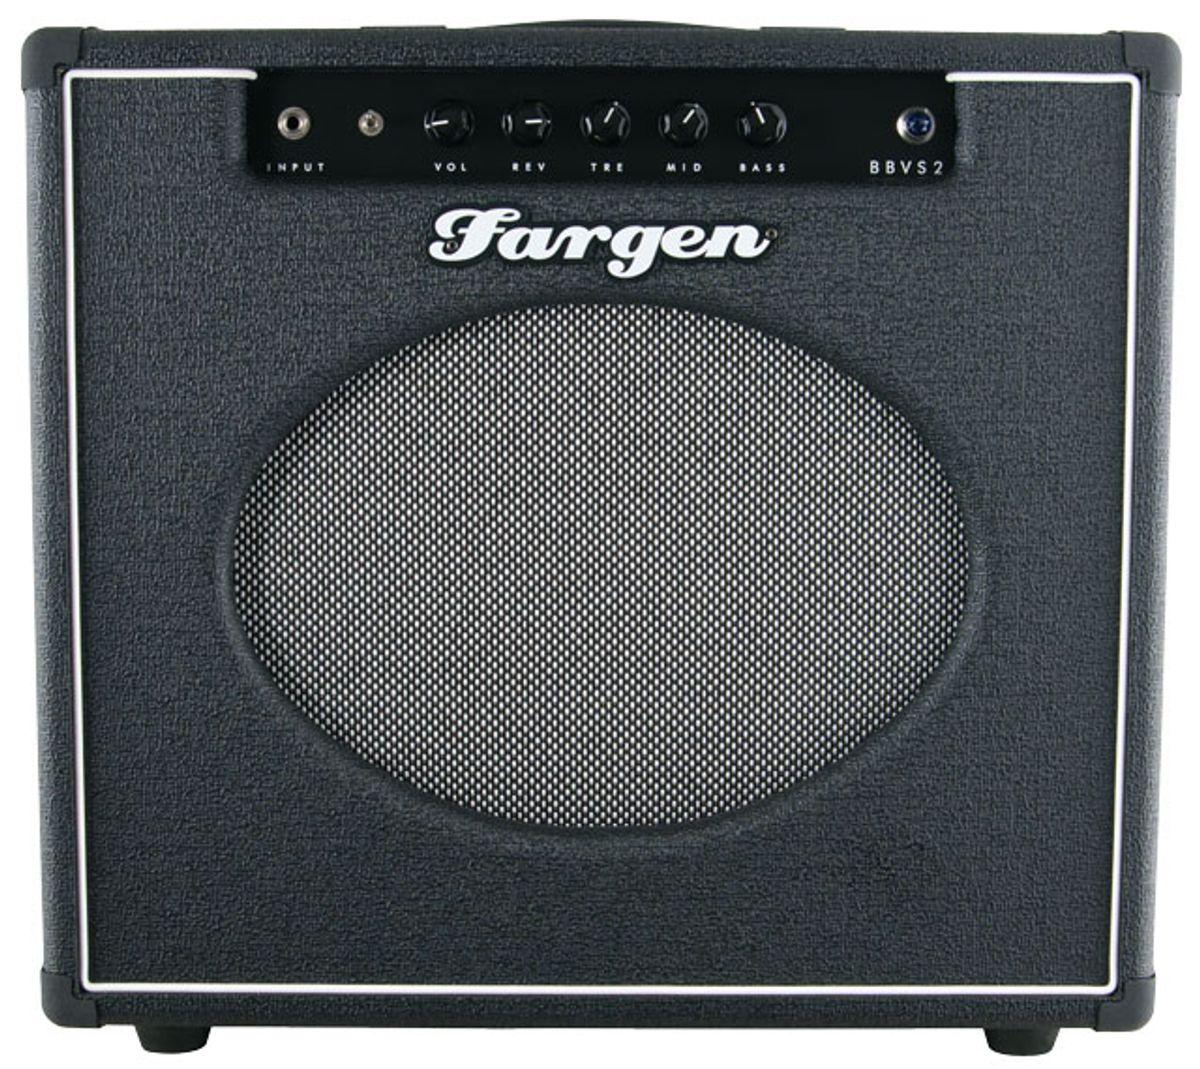 Fargen Blackbird VS2 Amp Review